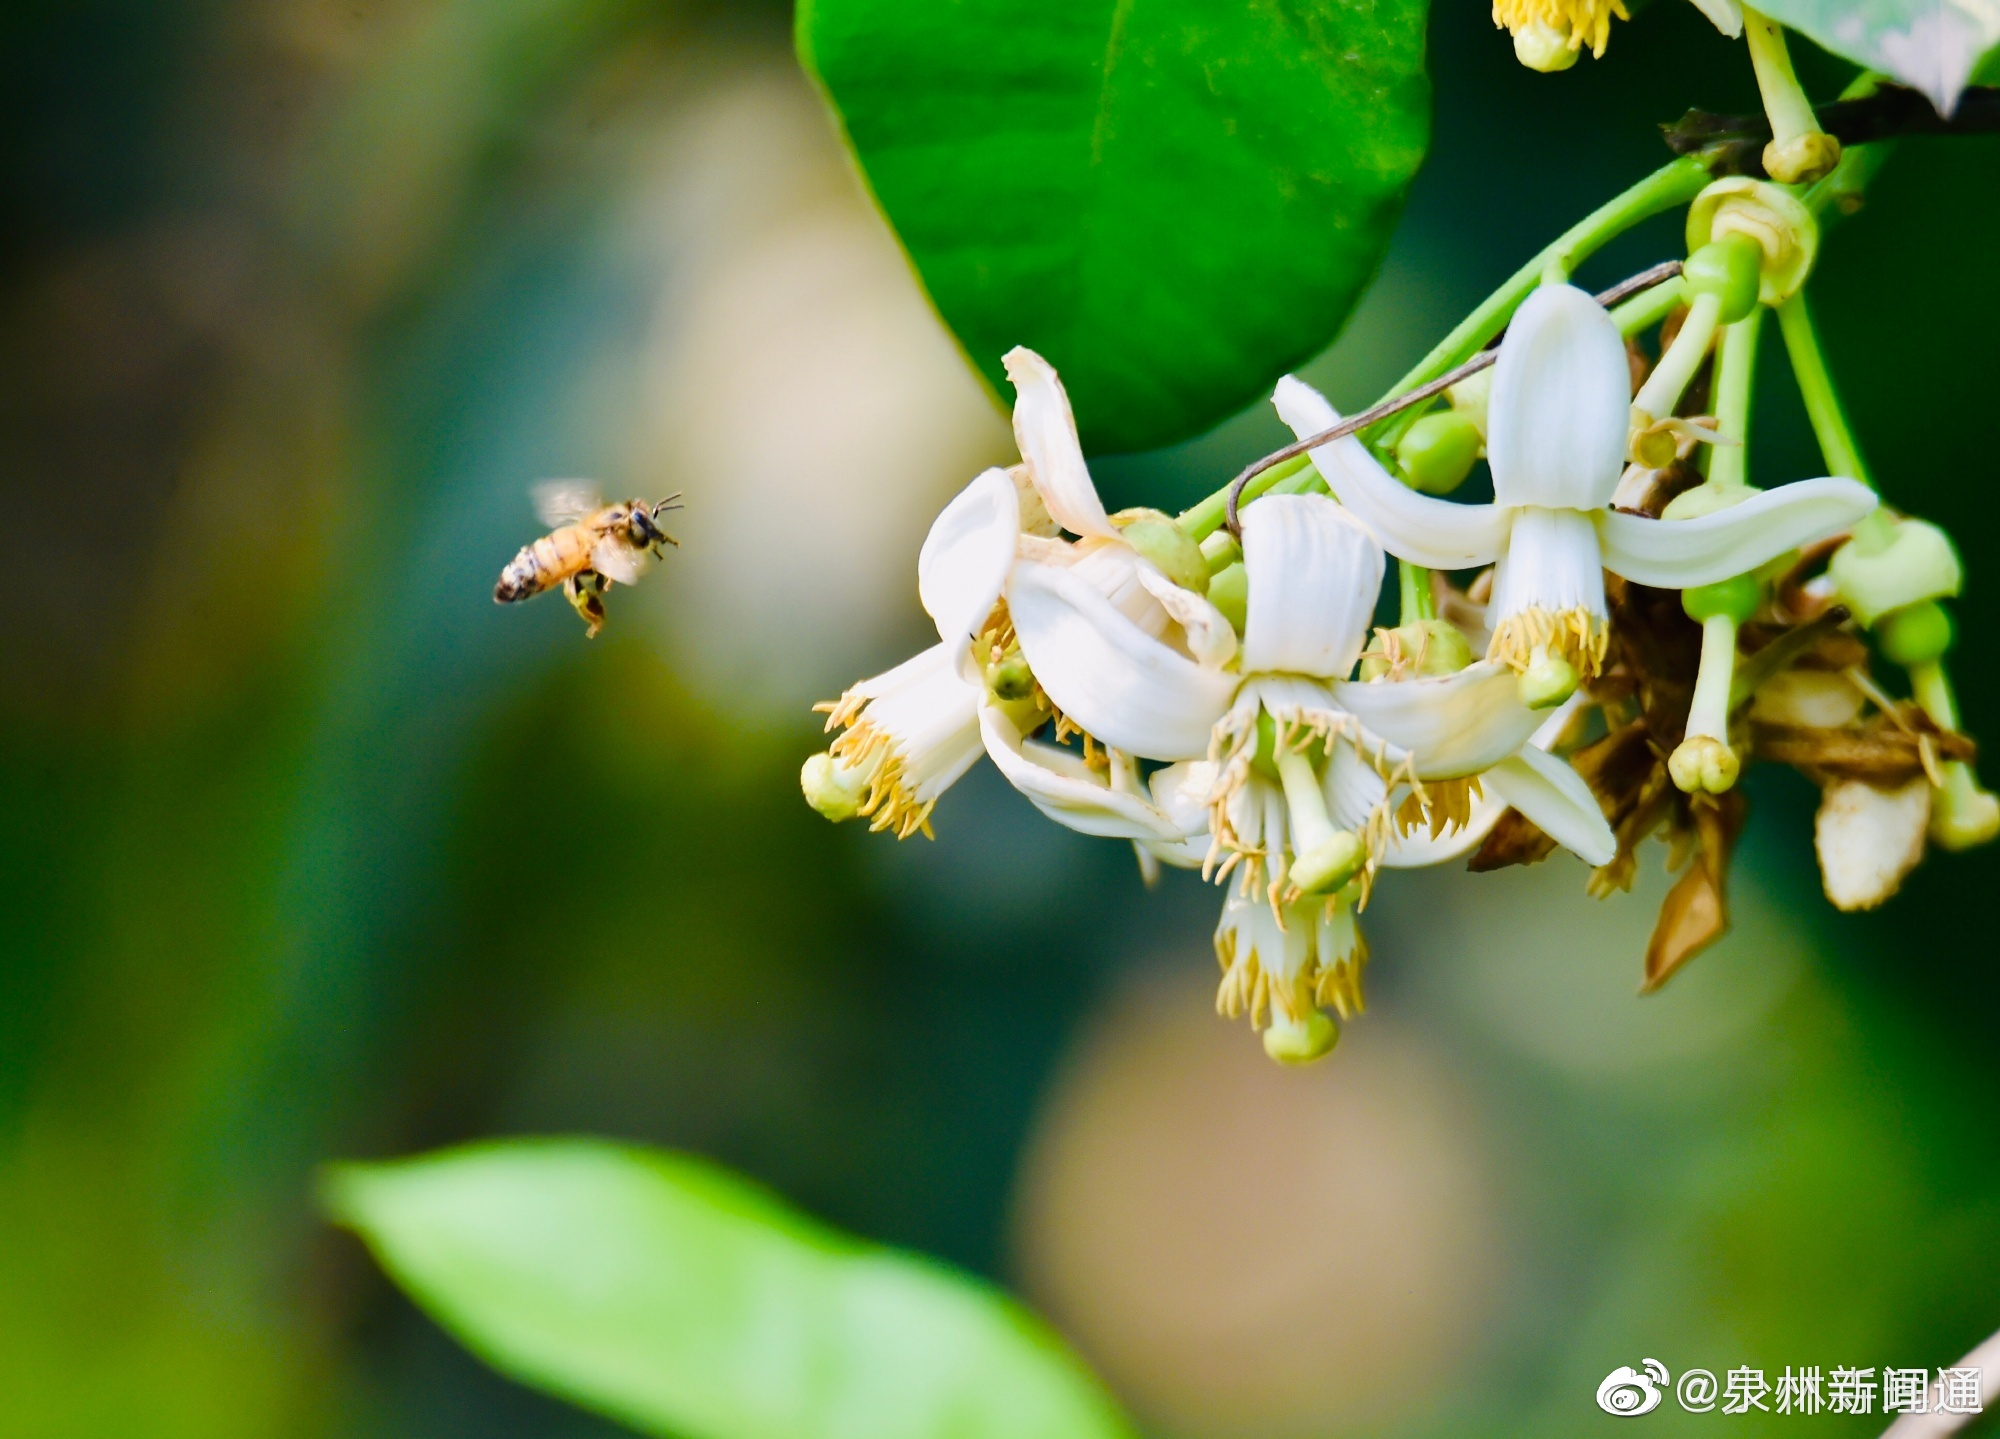 泉州少林寺柚子花开了,白玉般的花瓣,多半是四瓣的